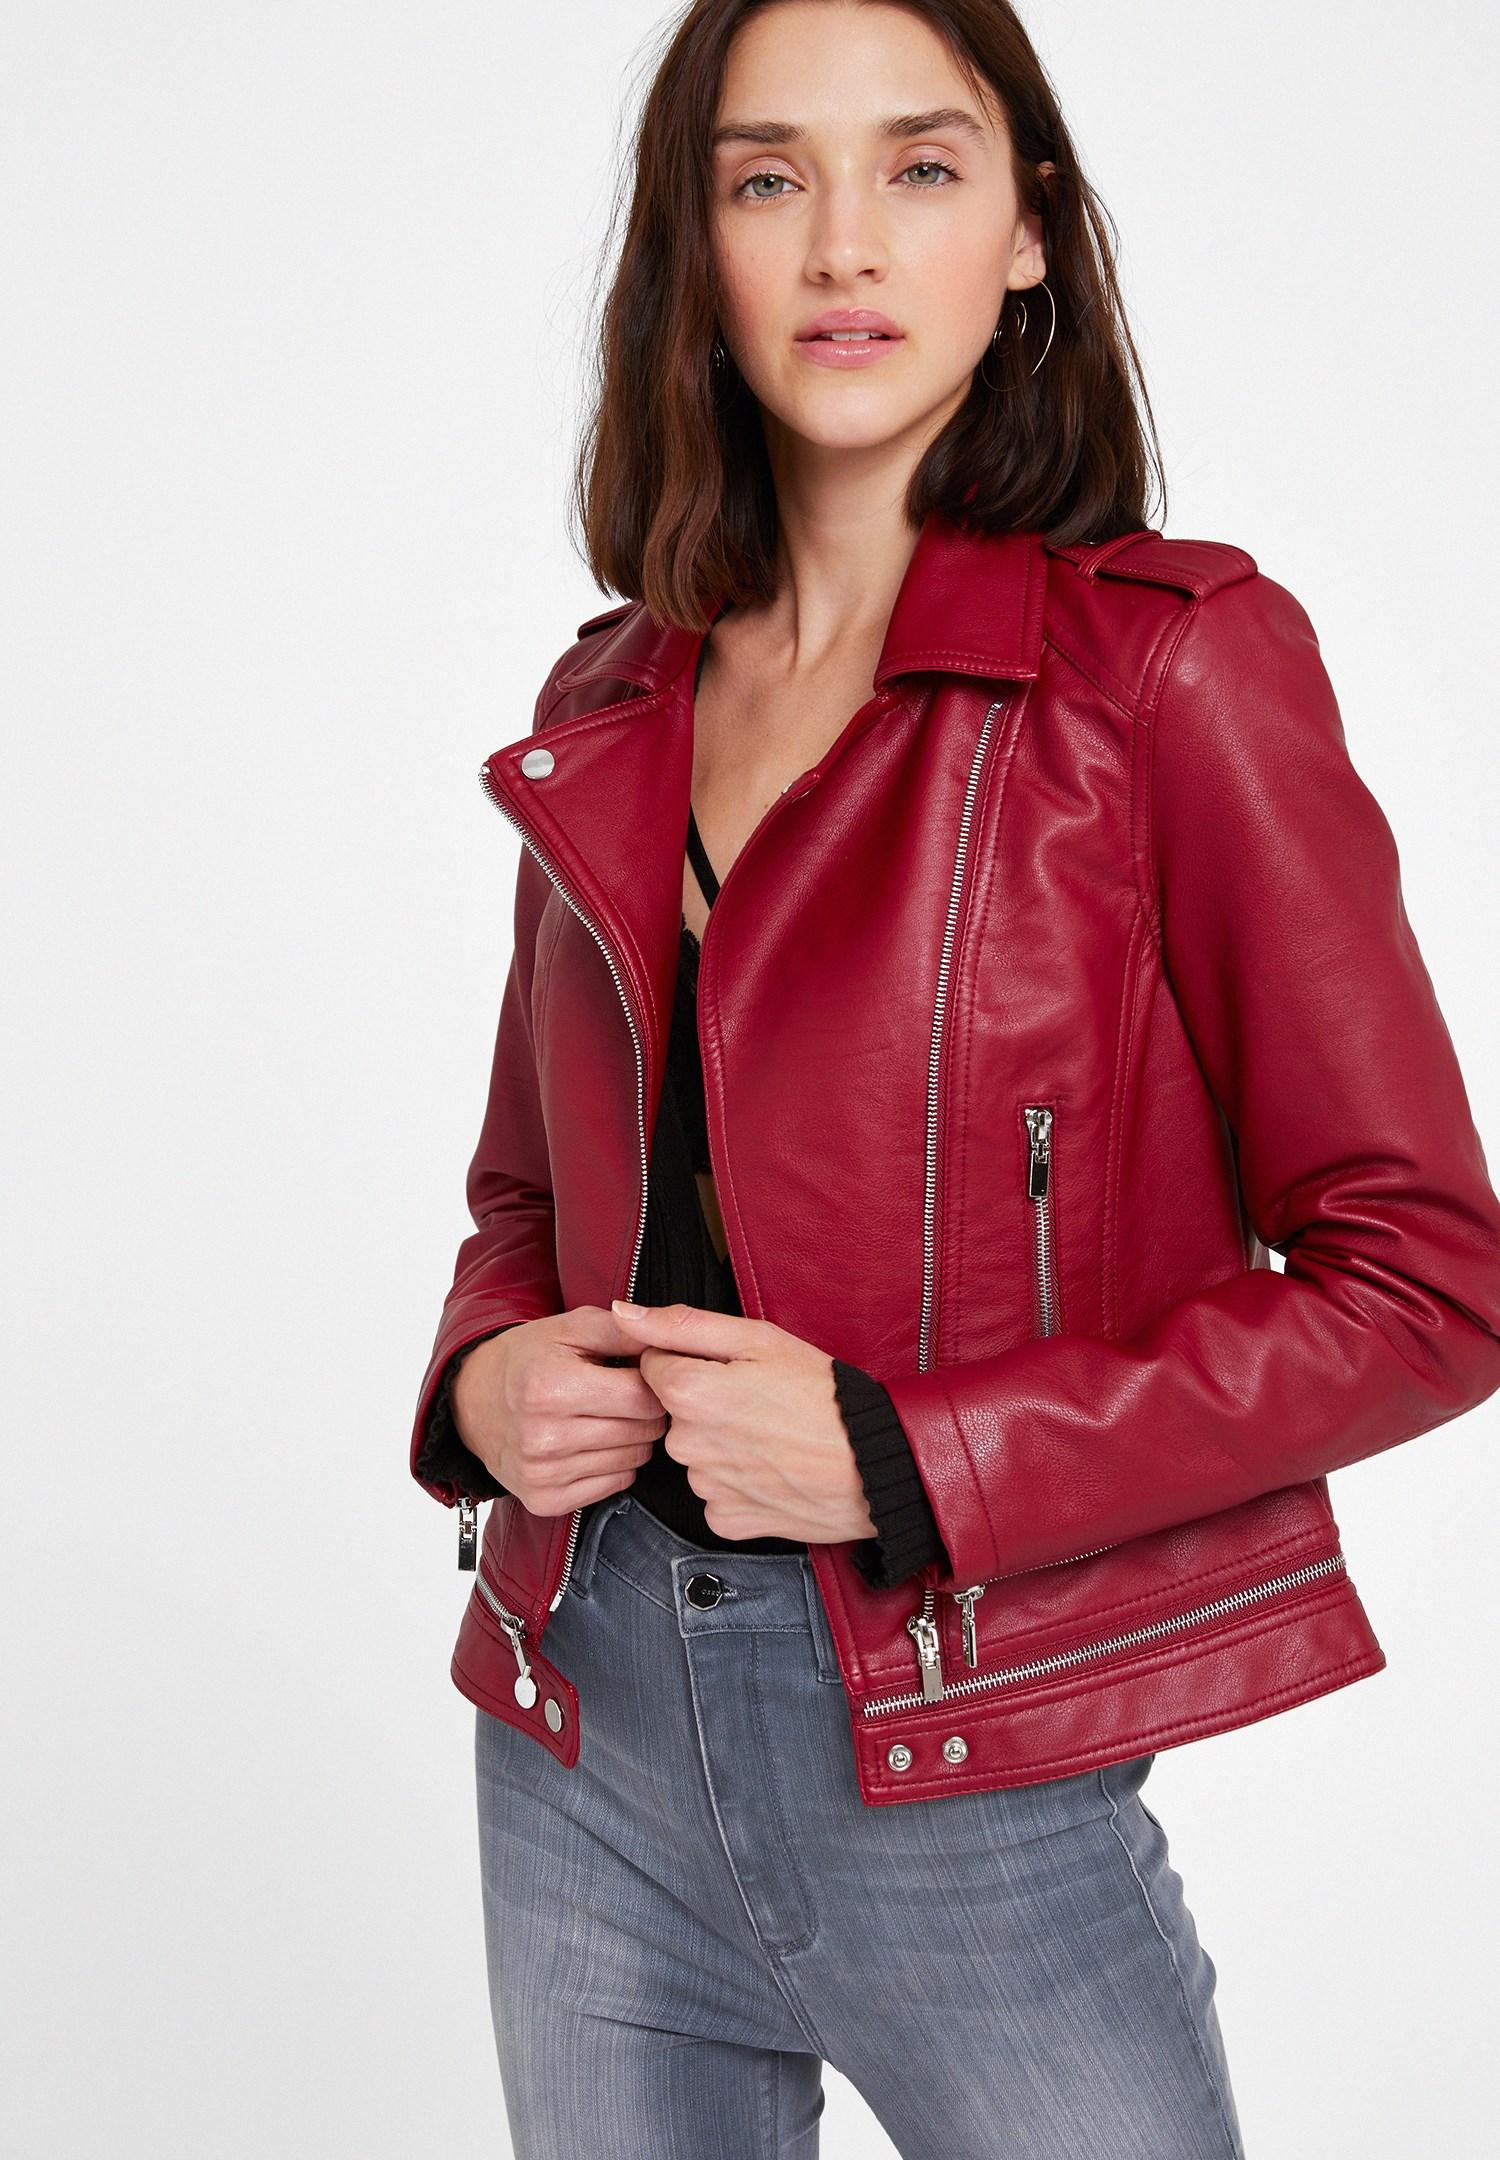 Women Bordeaux Leather Biker Jacket with Zipper Detail